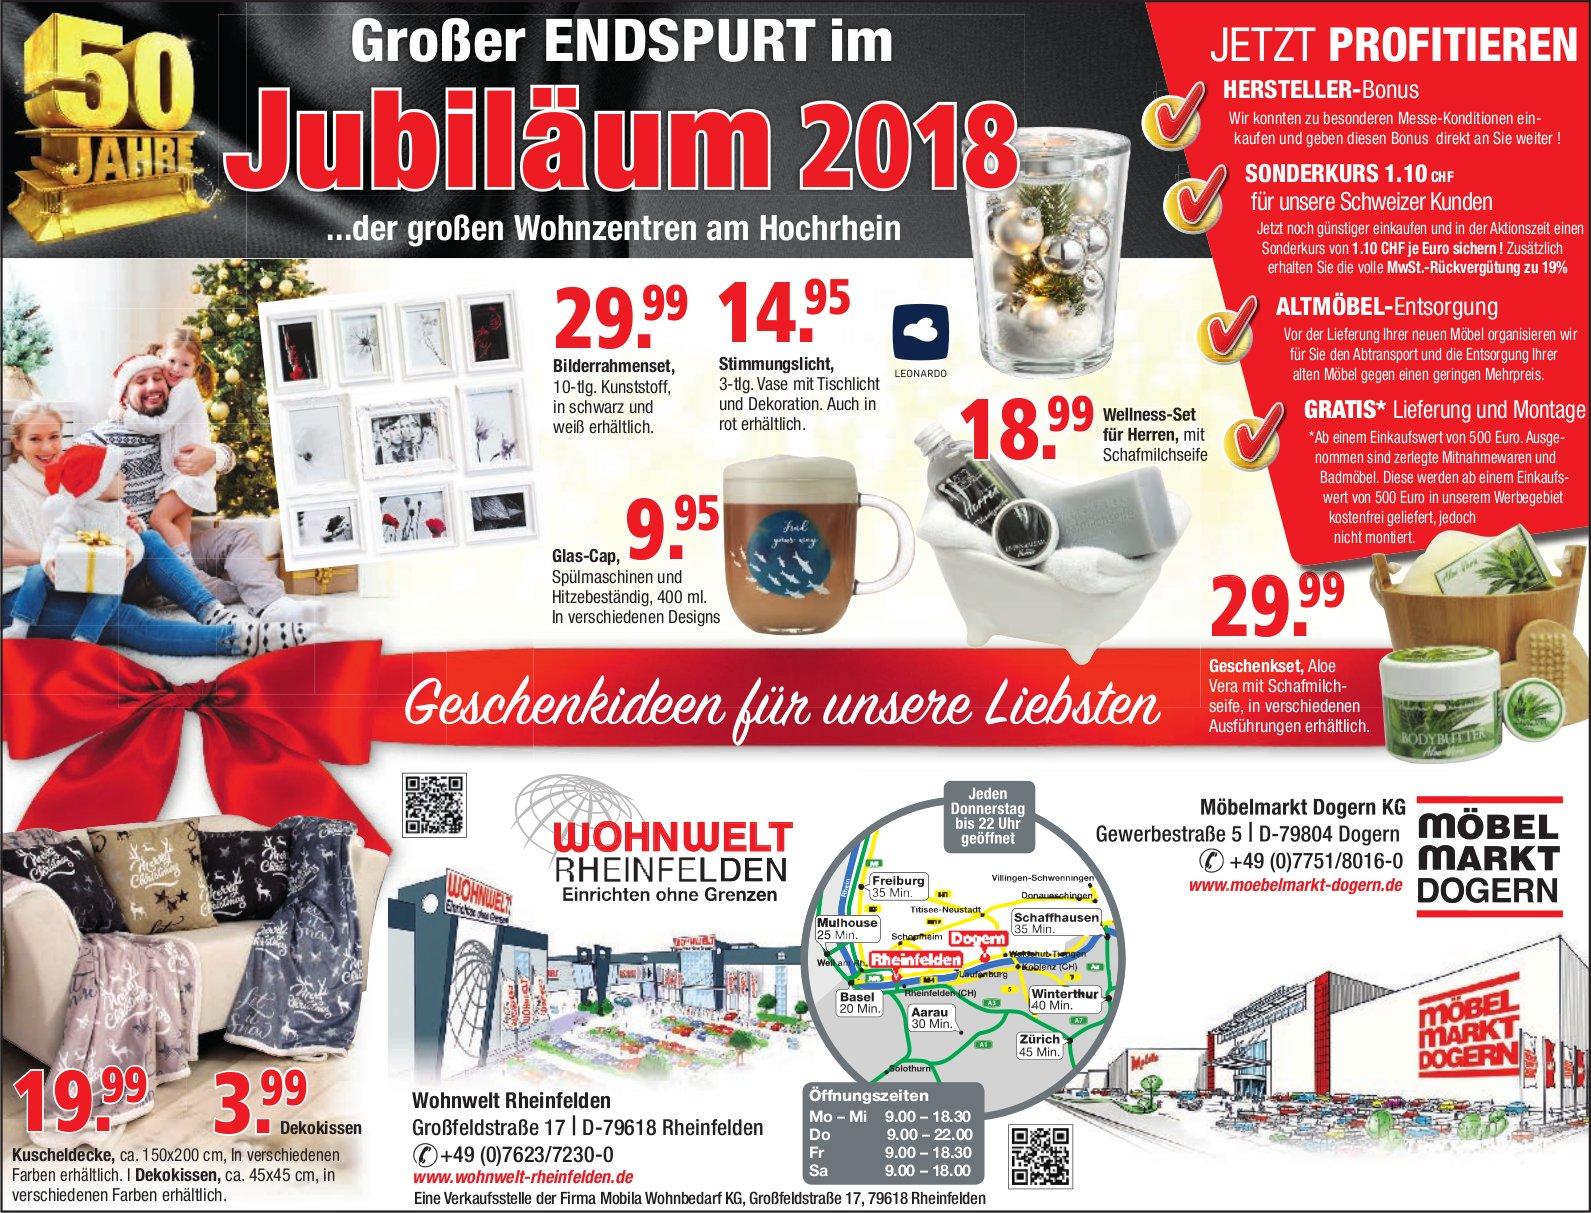 Wohnwelt Rheinfelden Möbelmarkt Dogern Kg Grosser Enspurt Im